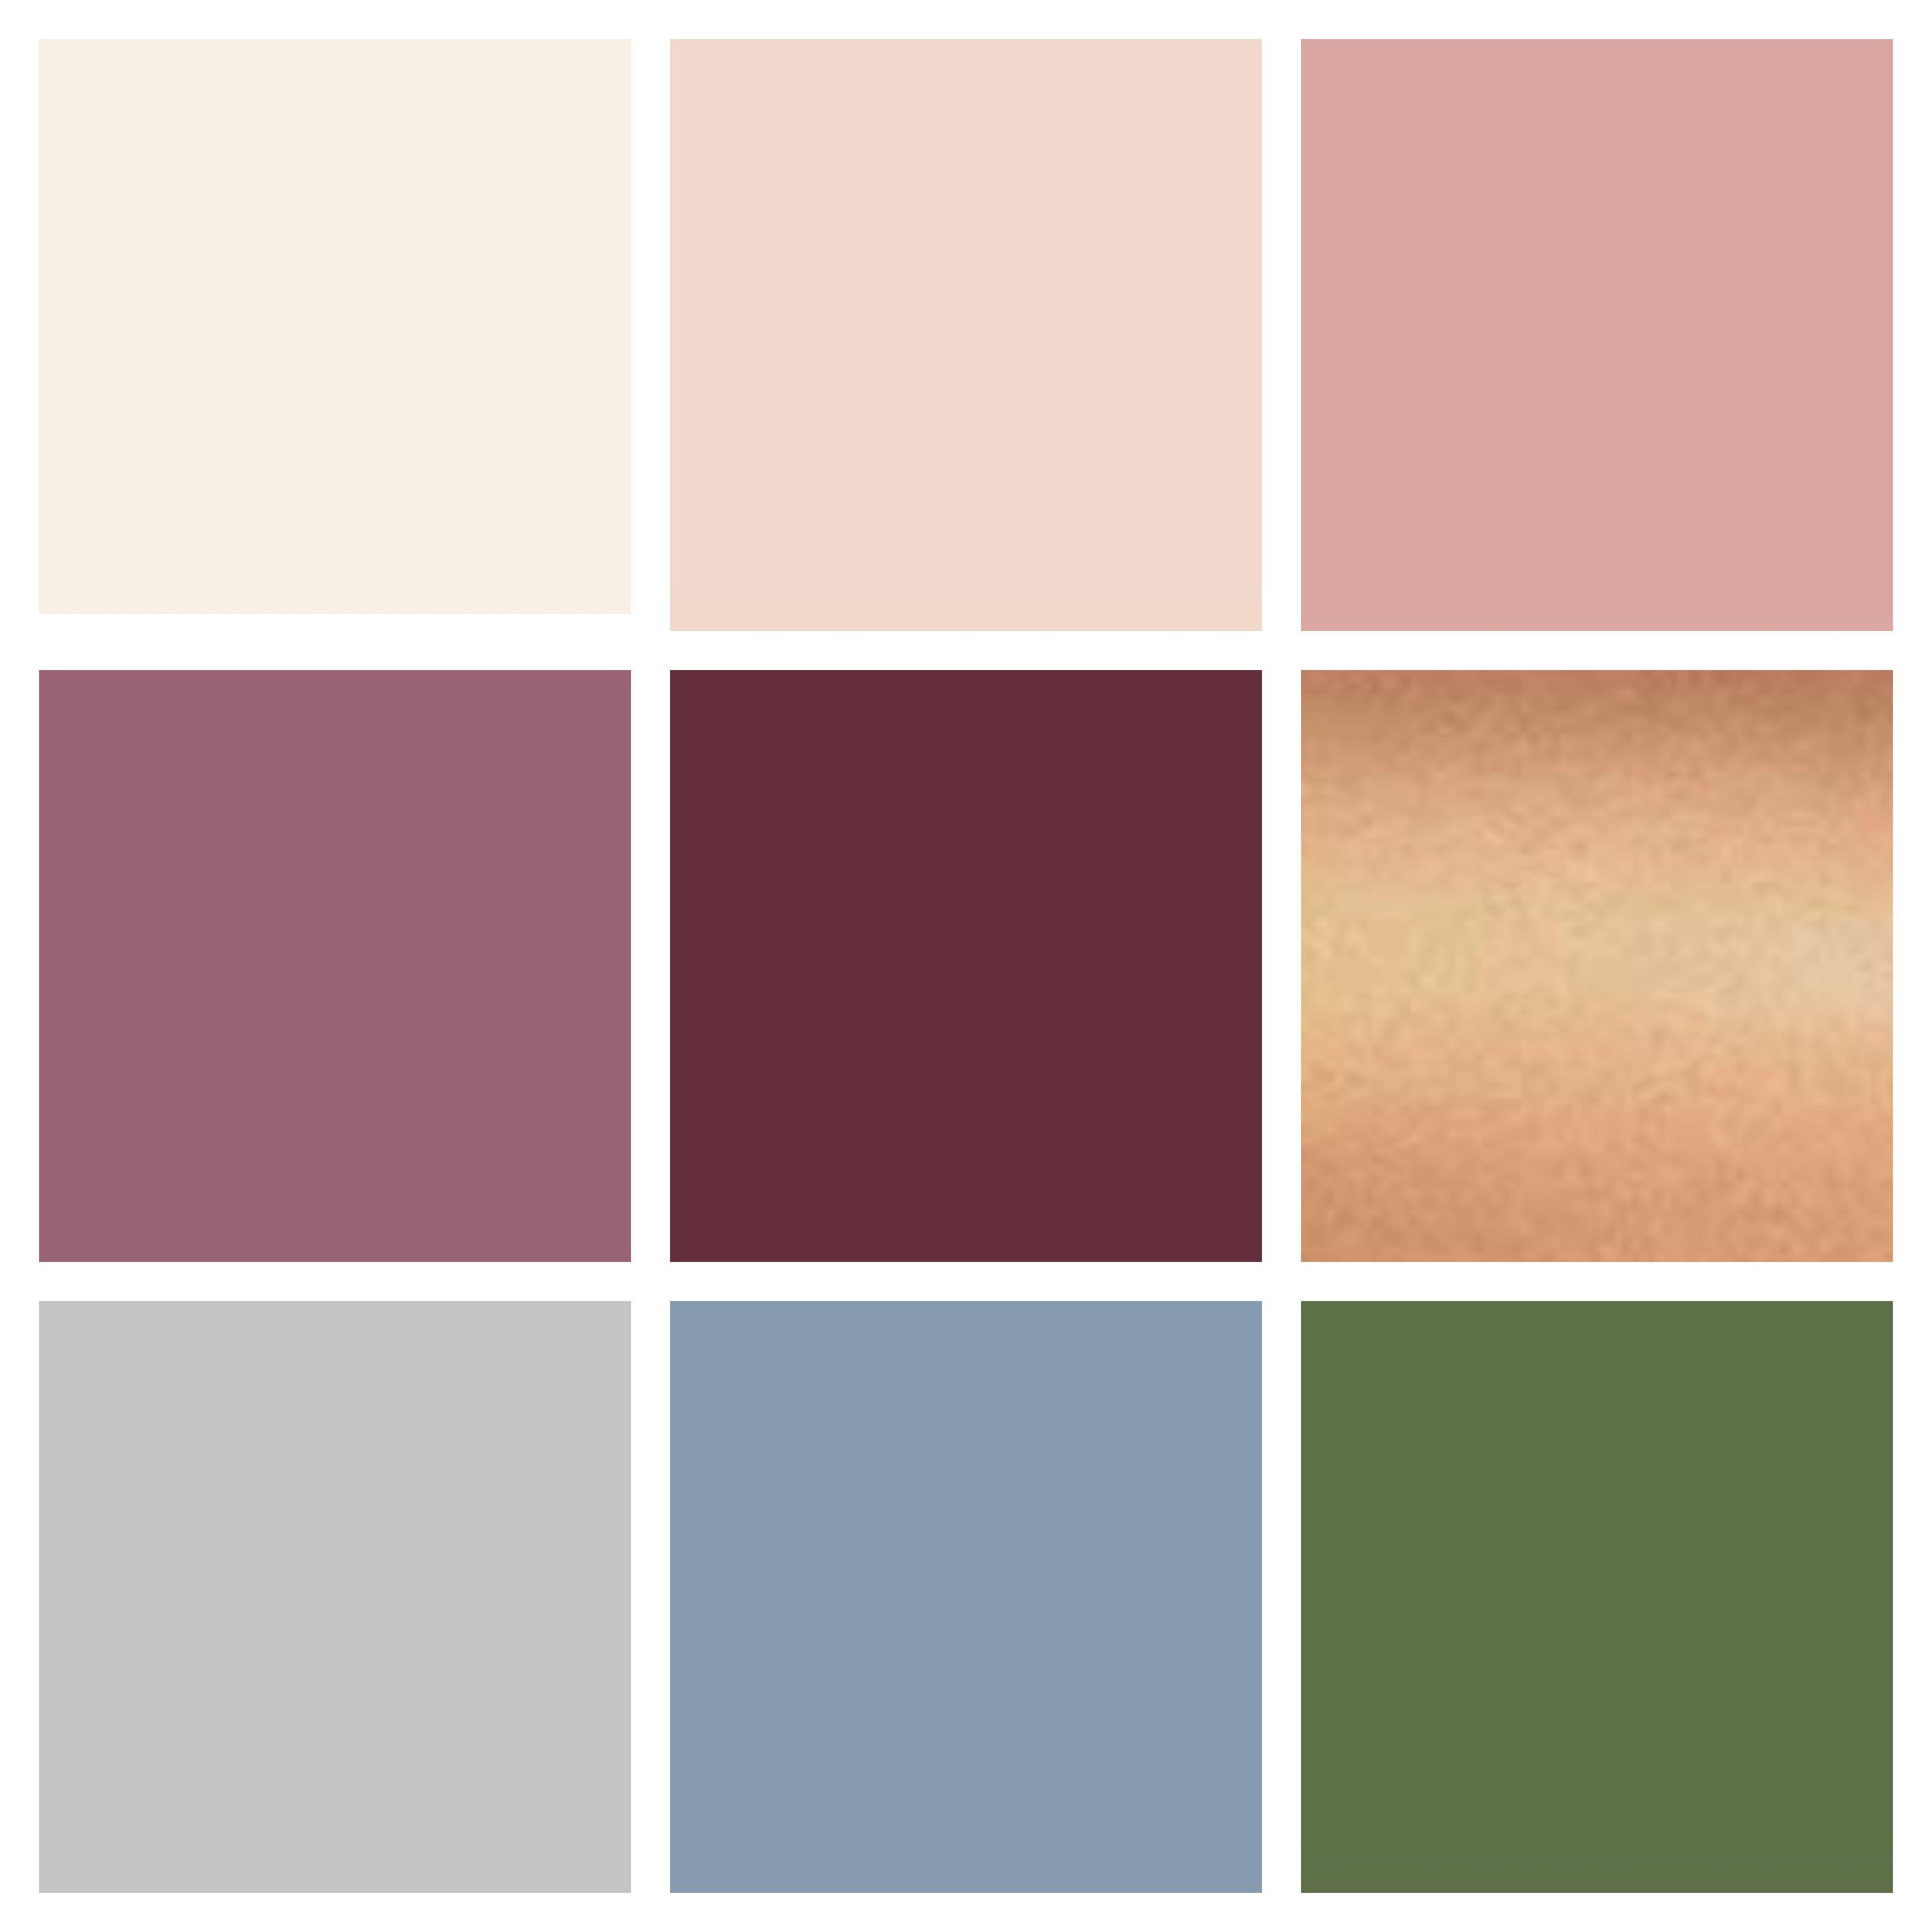 Colori Da Abbinare Al Rosa pin di pamela de gennaro su colori nel 2020 | tema del